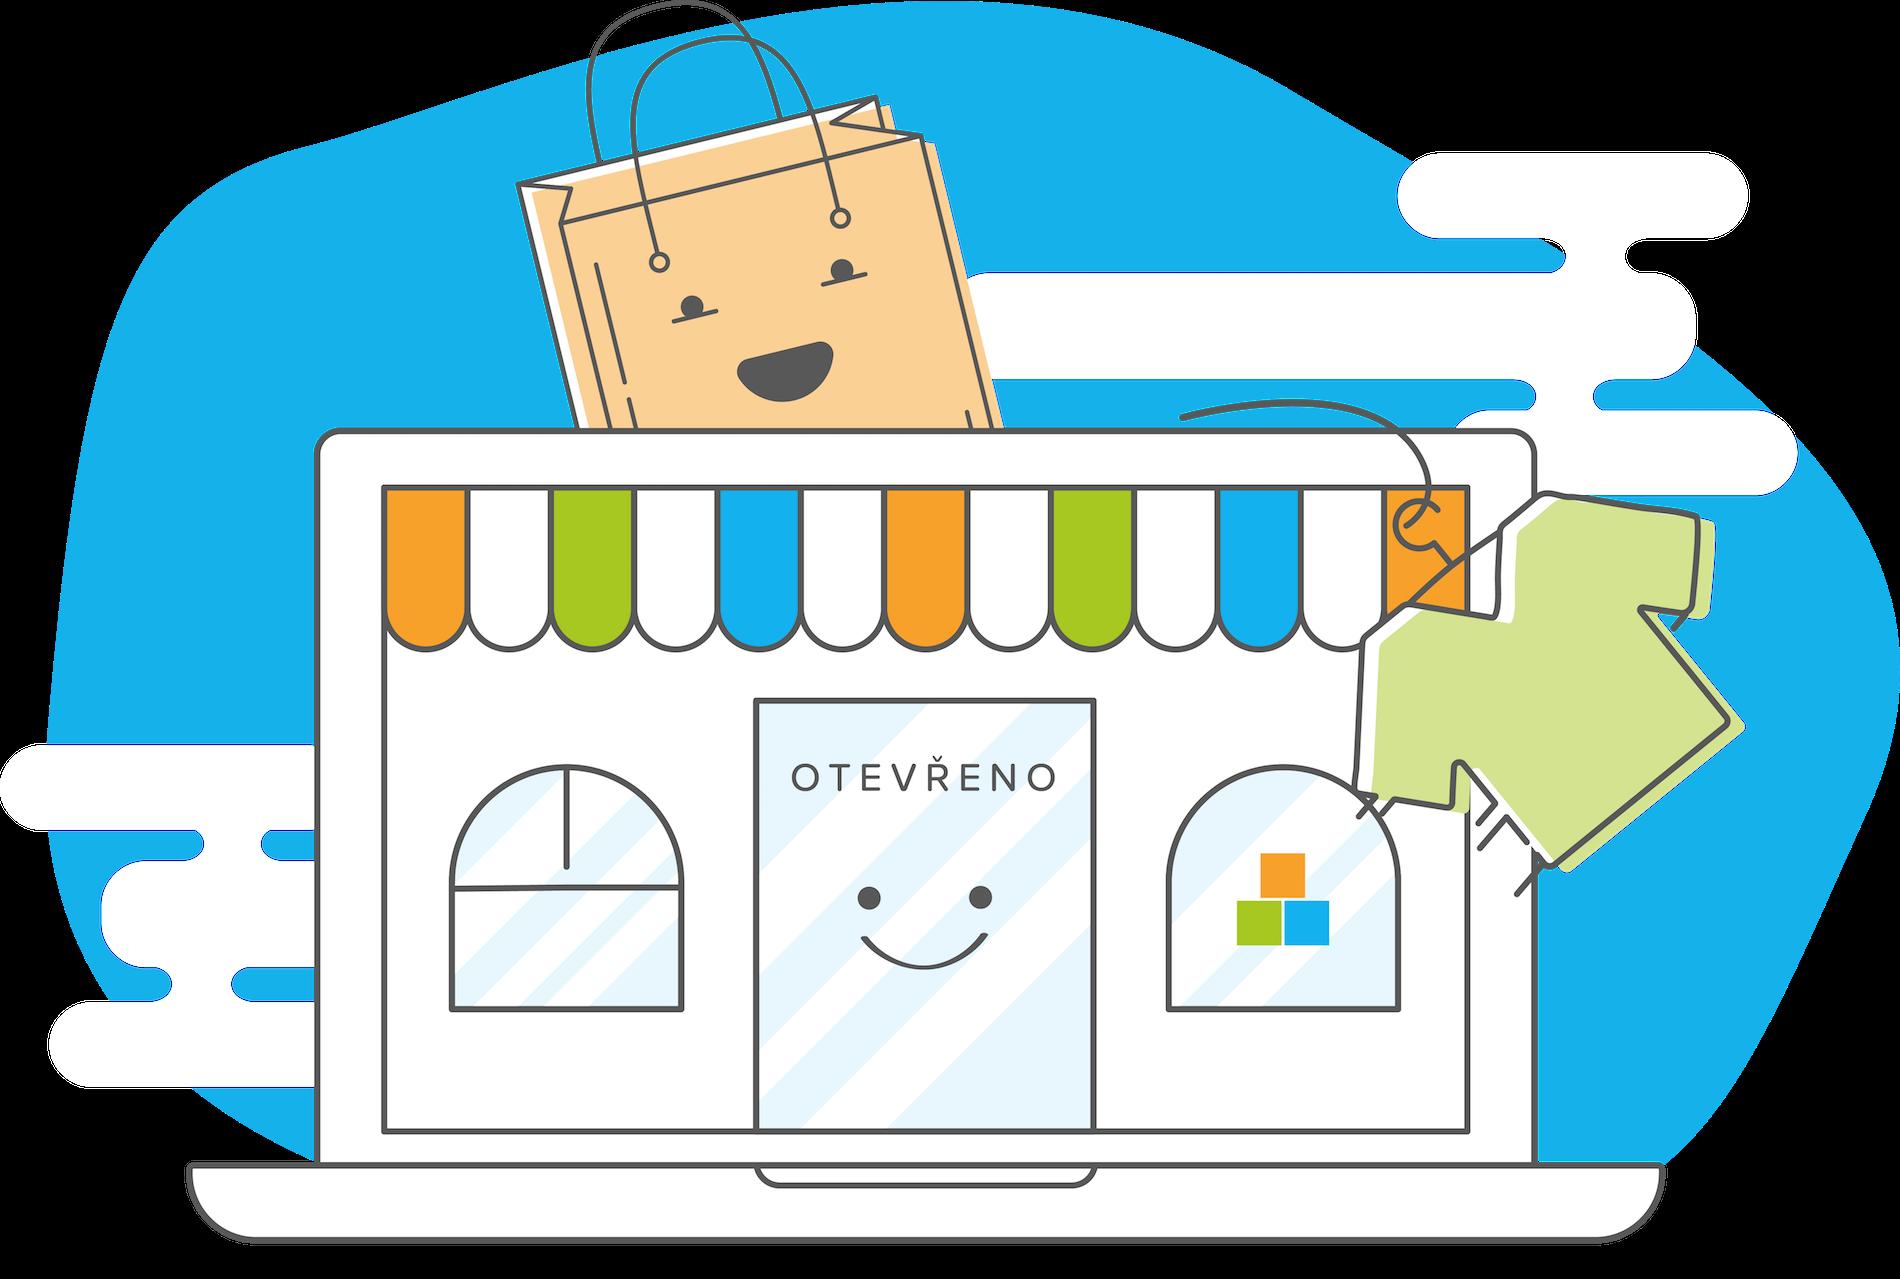 shoptet_otevreno